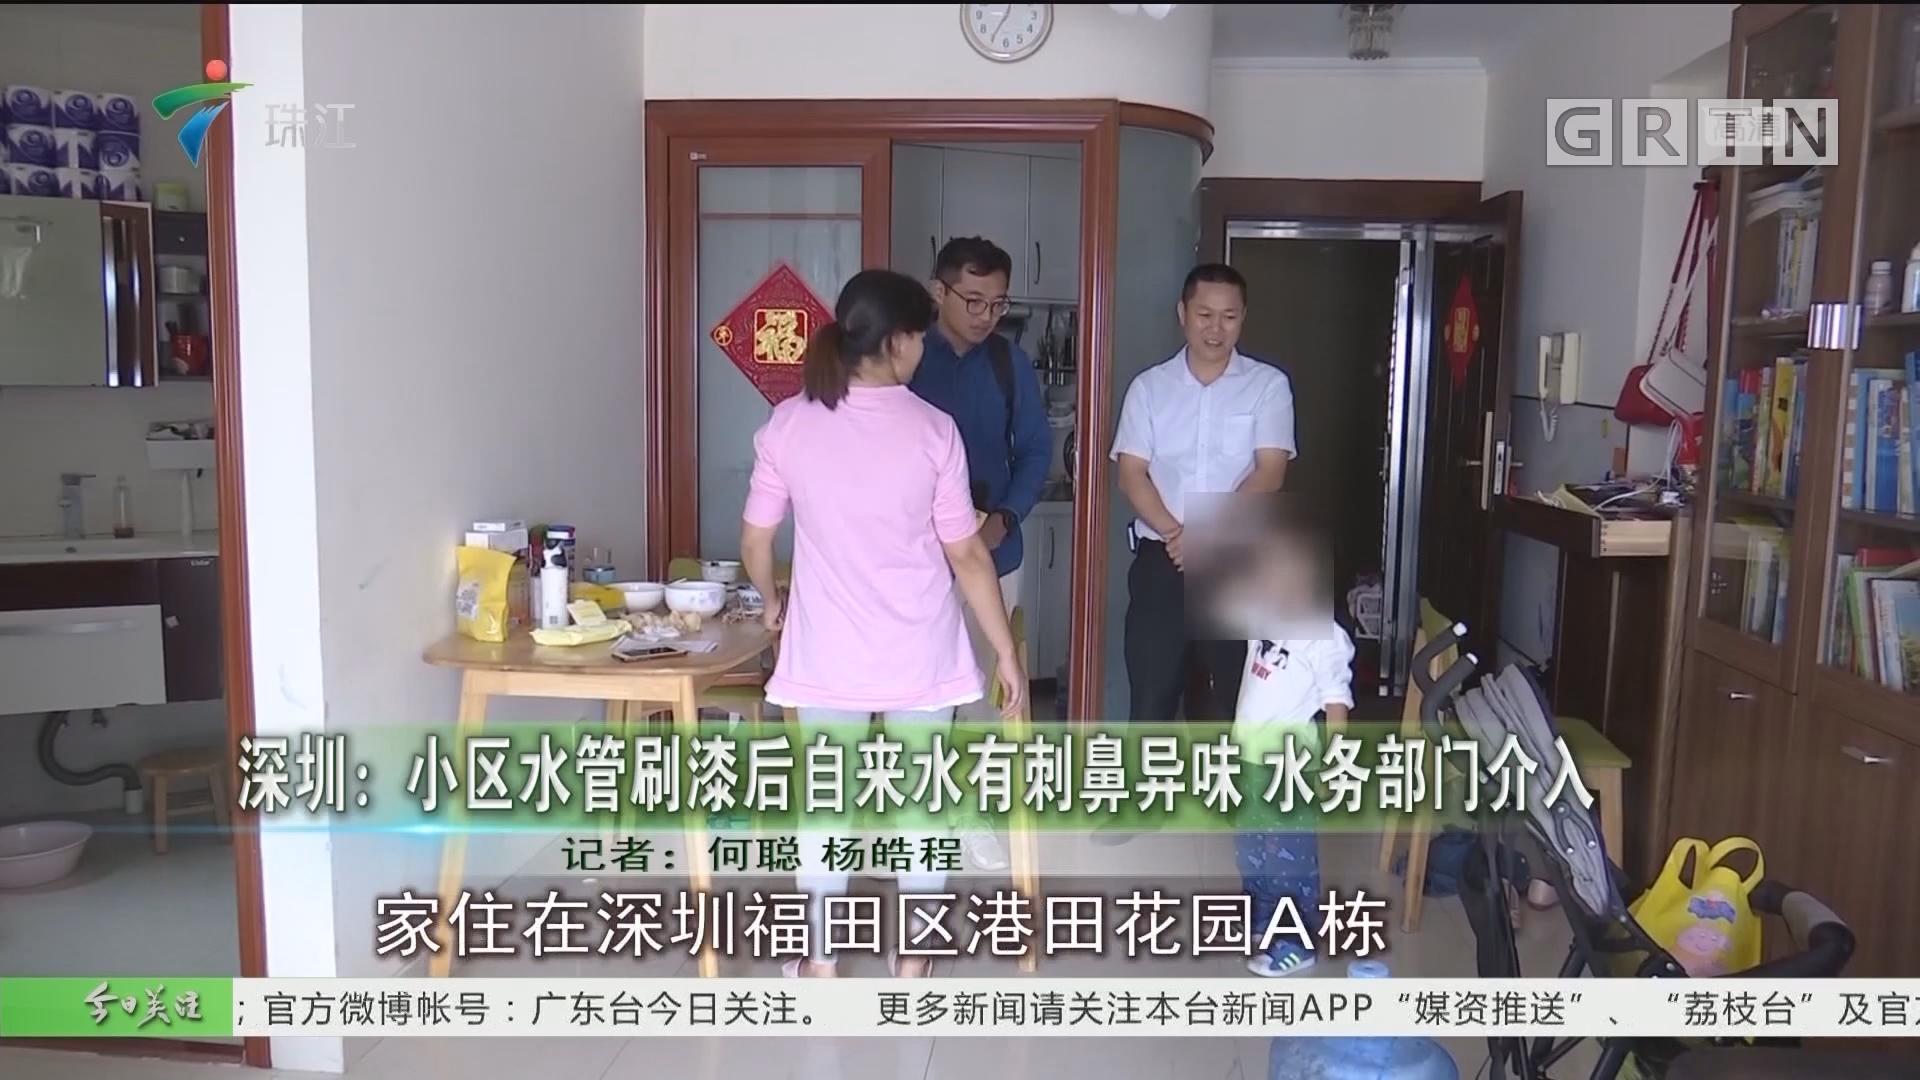 深圳:小区水管刷漆后自来水有刺鼻异味 水务部门介入